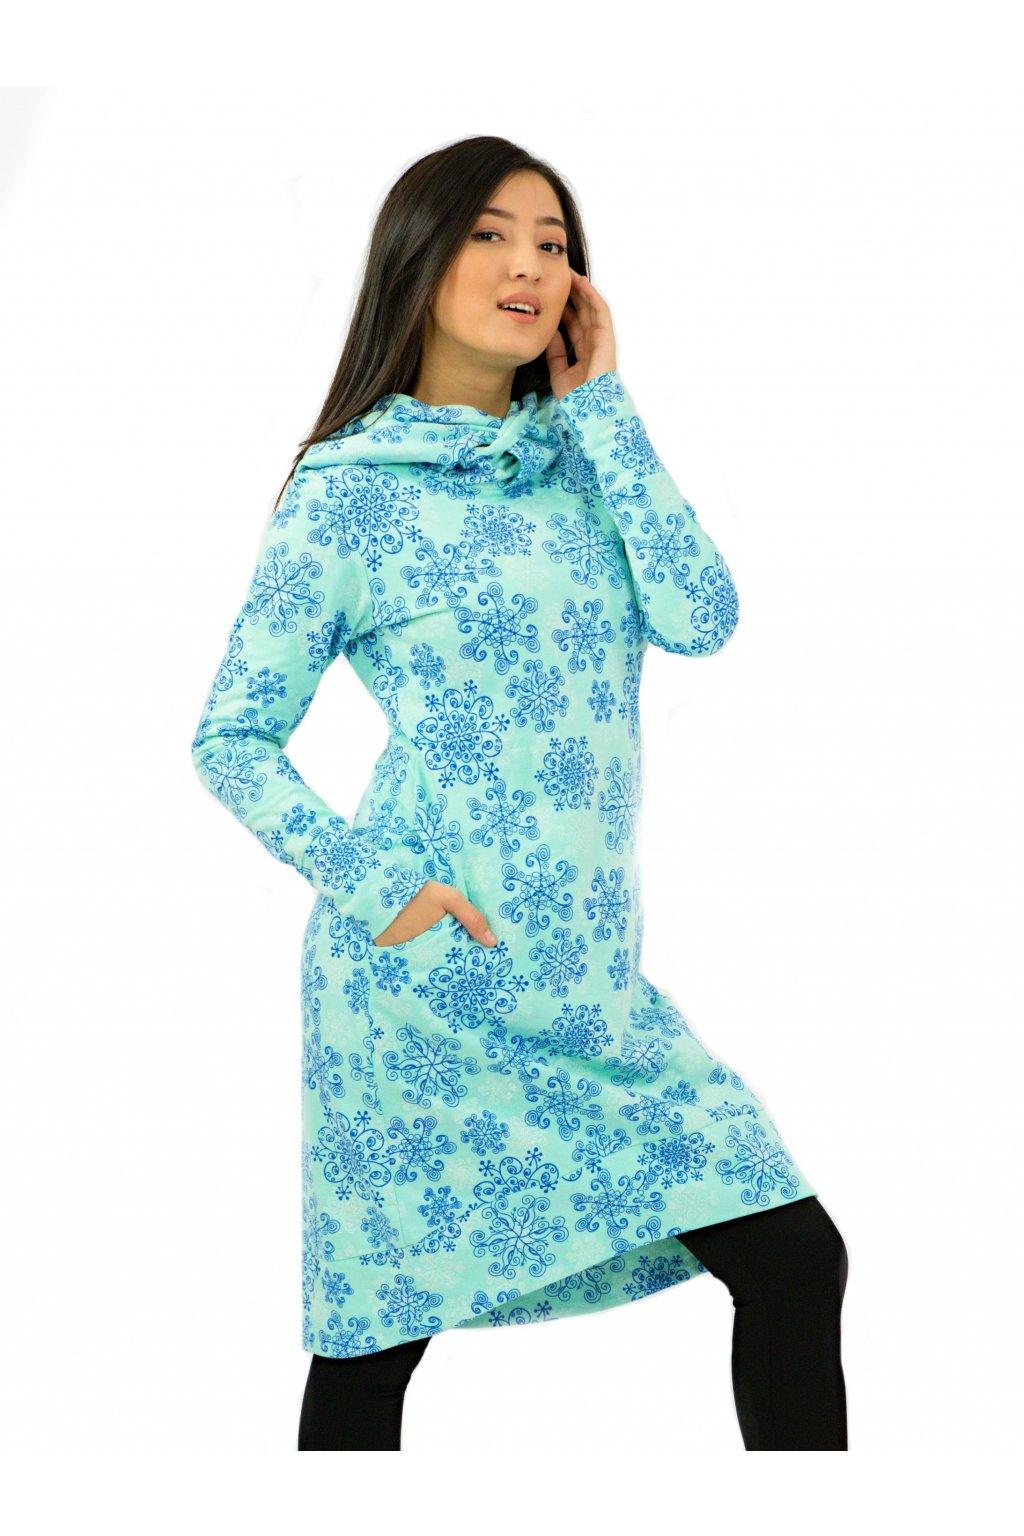 Hřejivá šatomikina Aina s maxi kapucí - tyrkysová s modrou